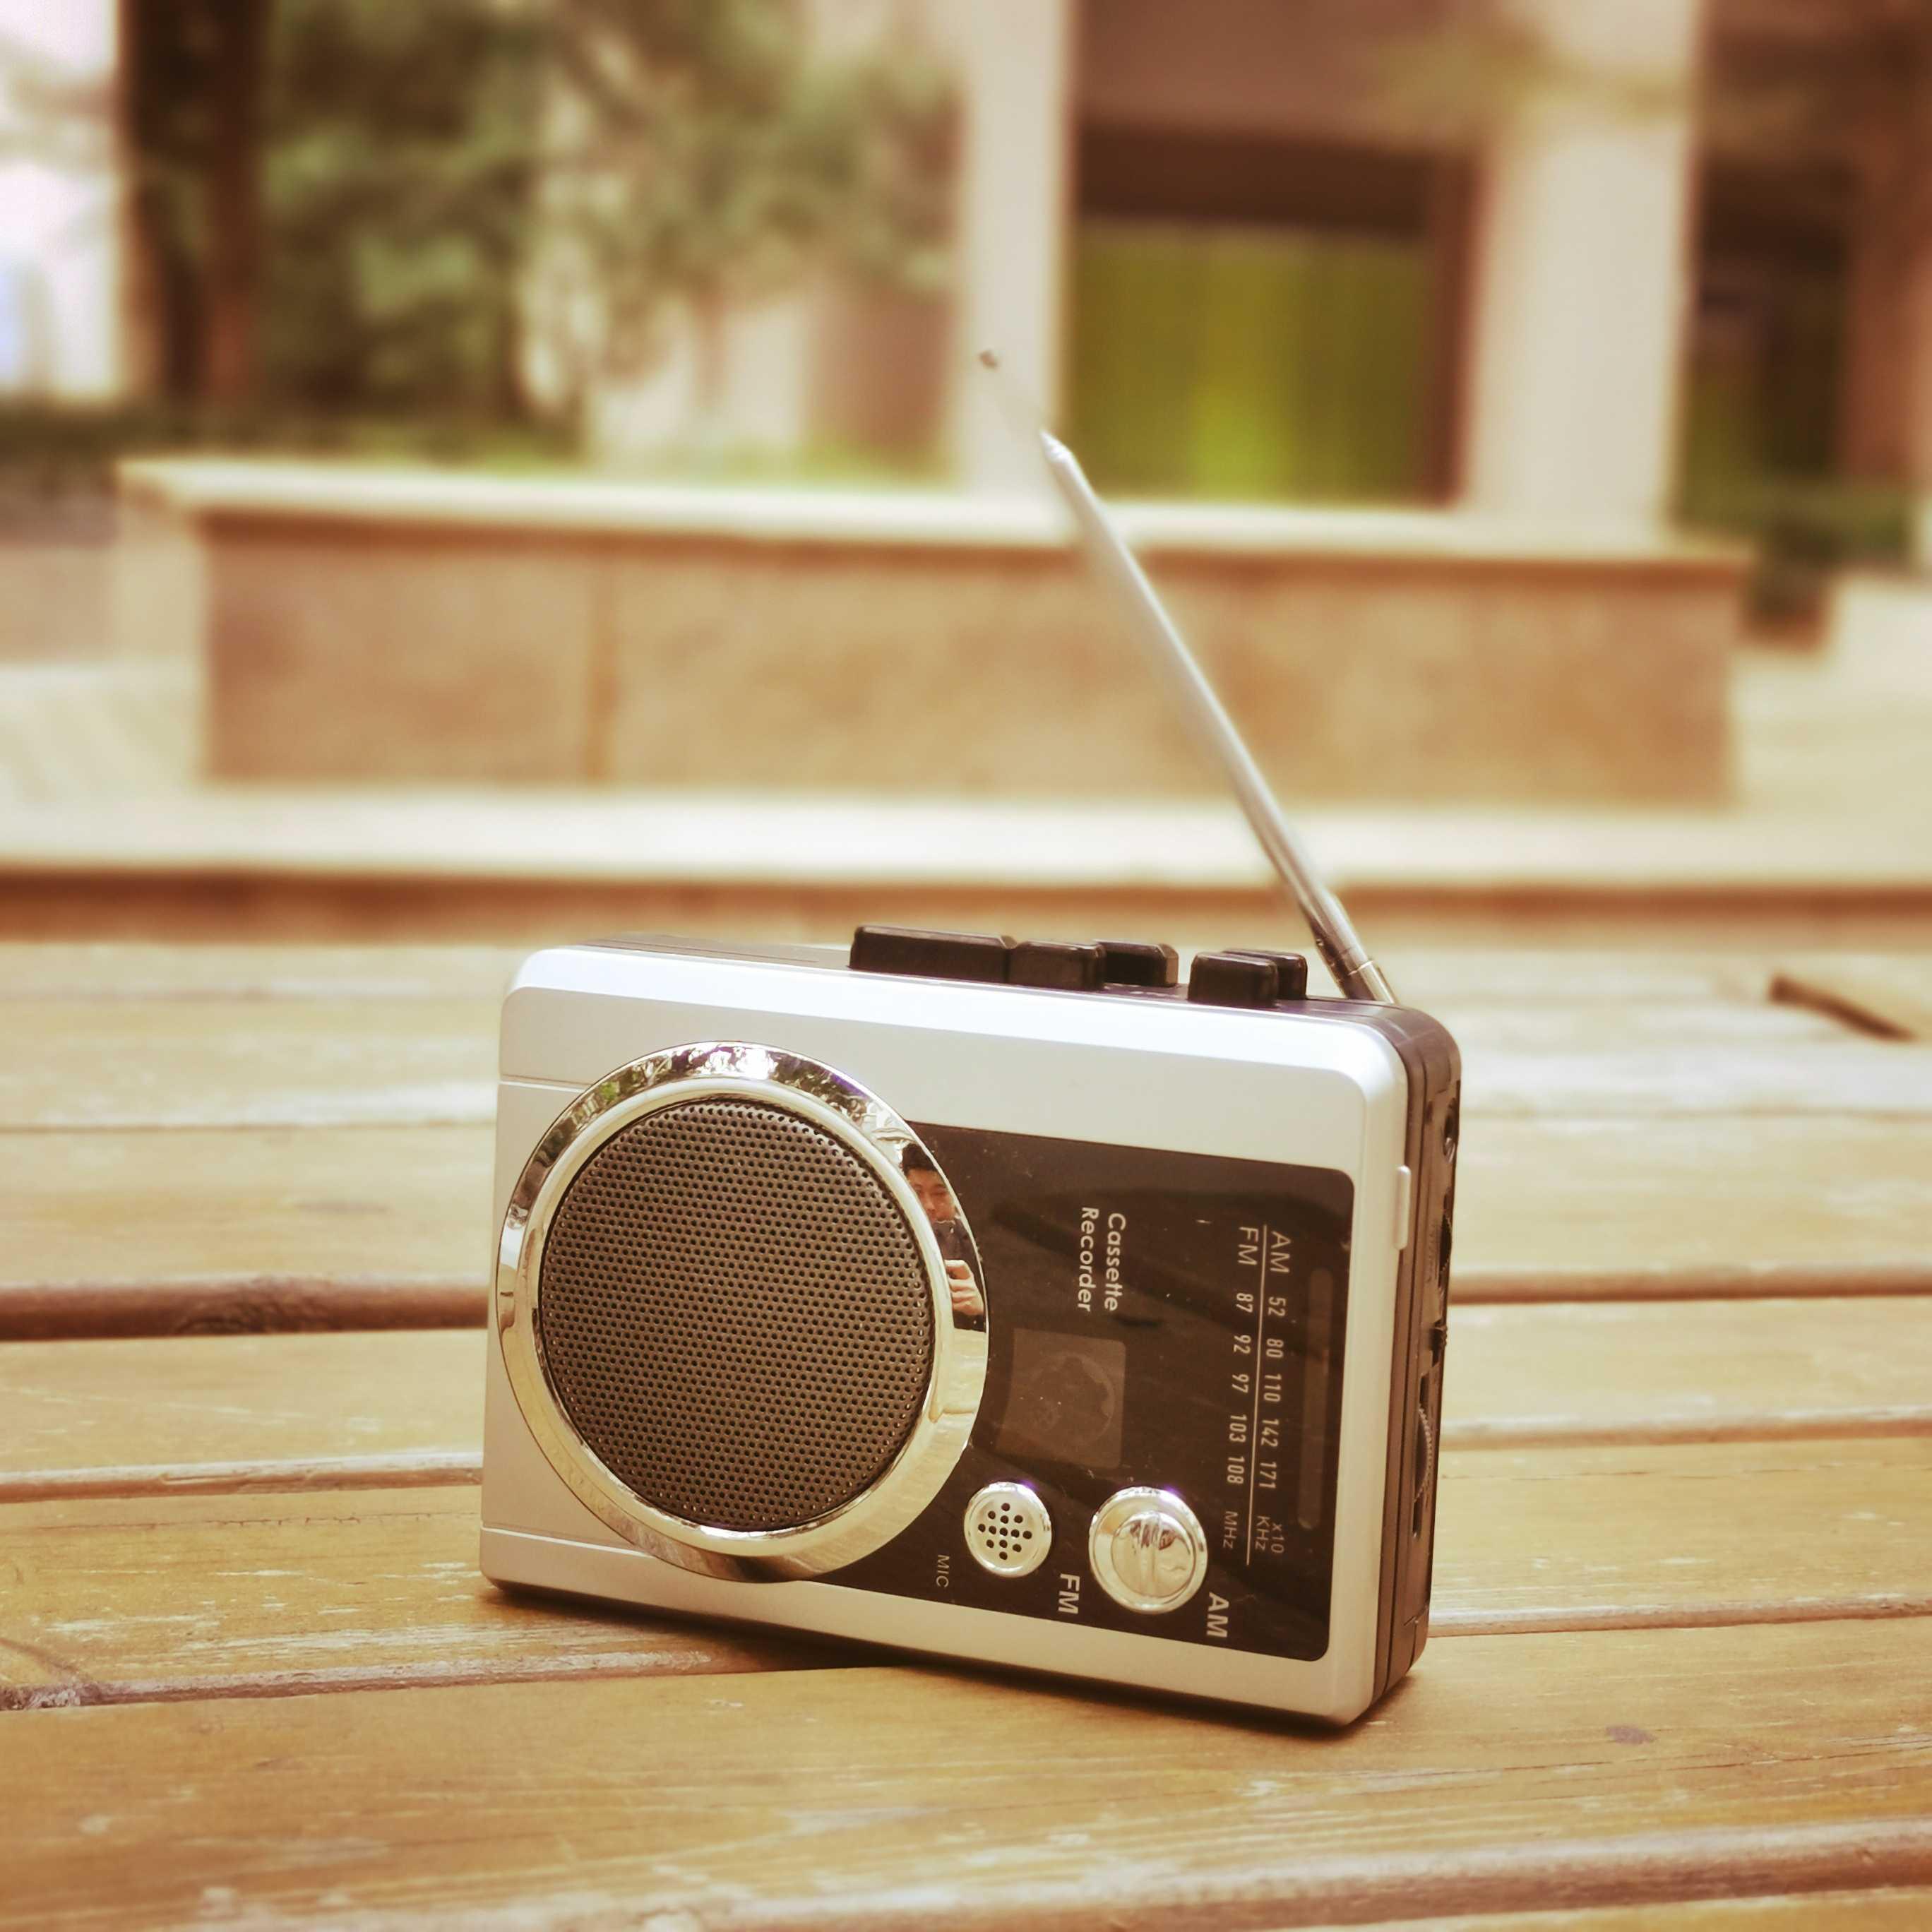 出日本磁带随身听磁带播放机卡带单放机录音机收音机外放自动返带 Изображение 1